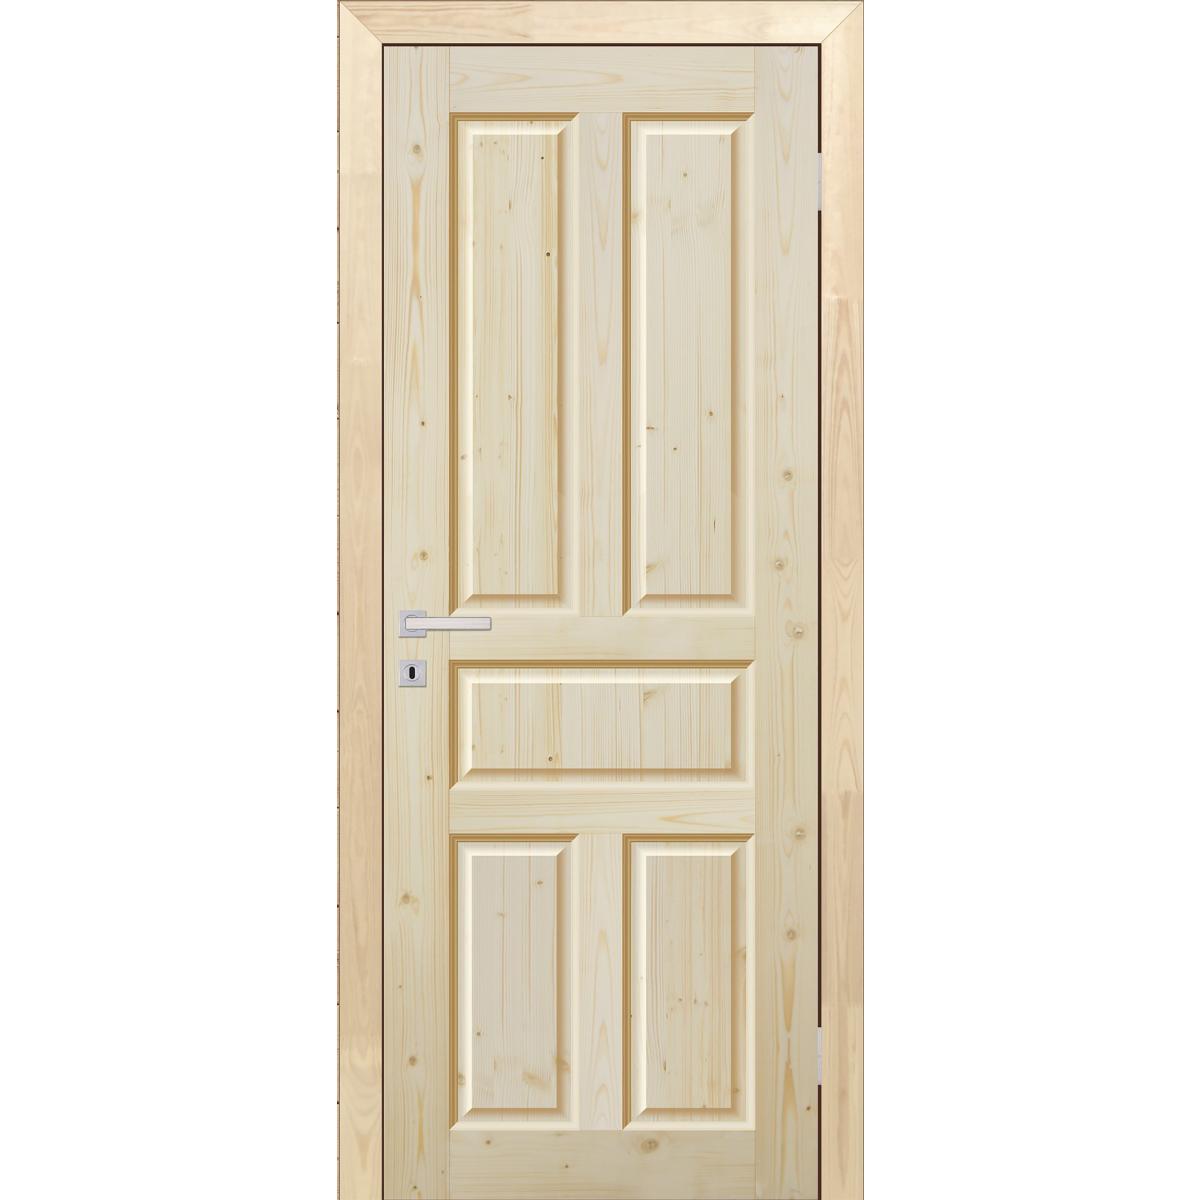 Дверь Межкомнатная Глухая Кантри 80x200 Массив Хвои Цвет Натуральный